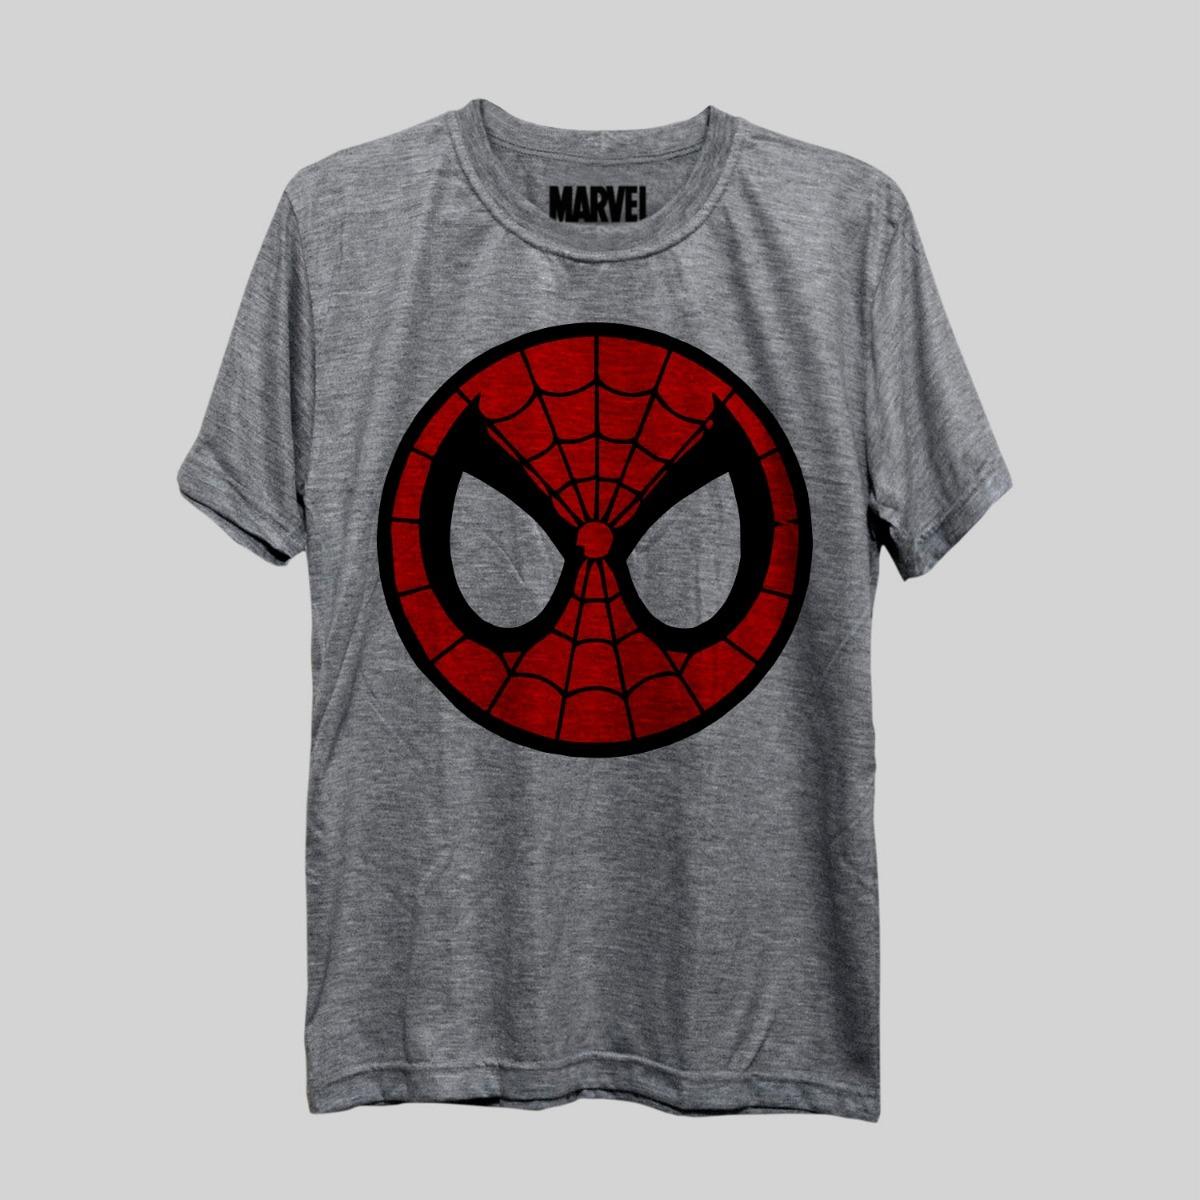 d7b9105af camiseta spiderman simbolo face homem aranha marvel freekz. Carregando zoom.